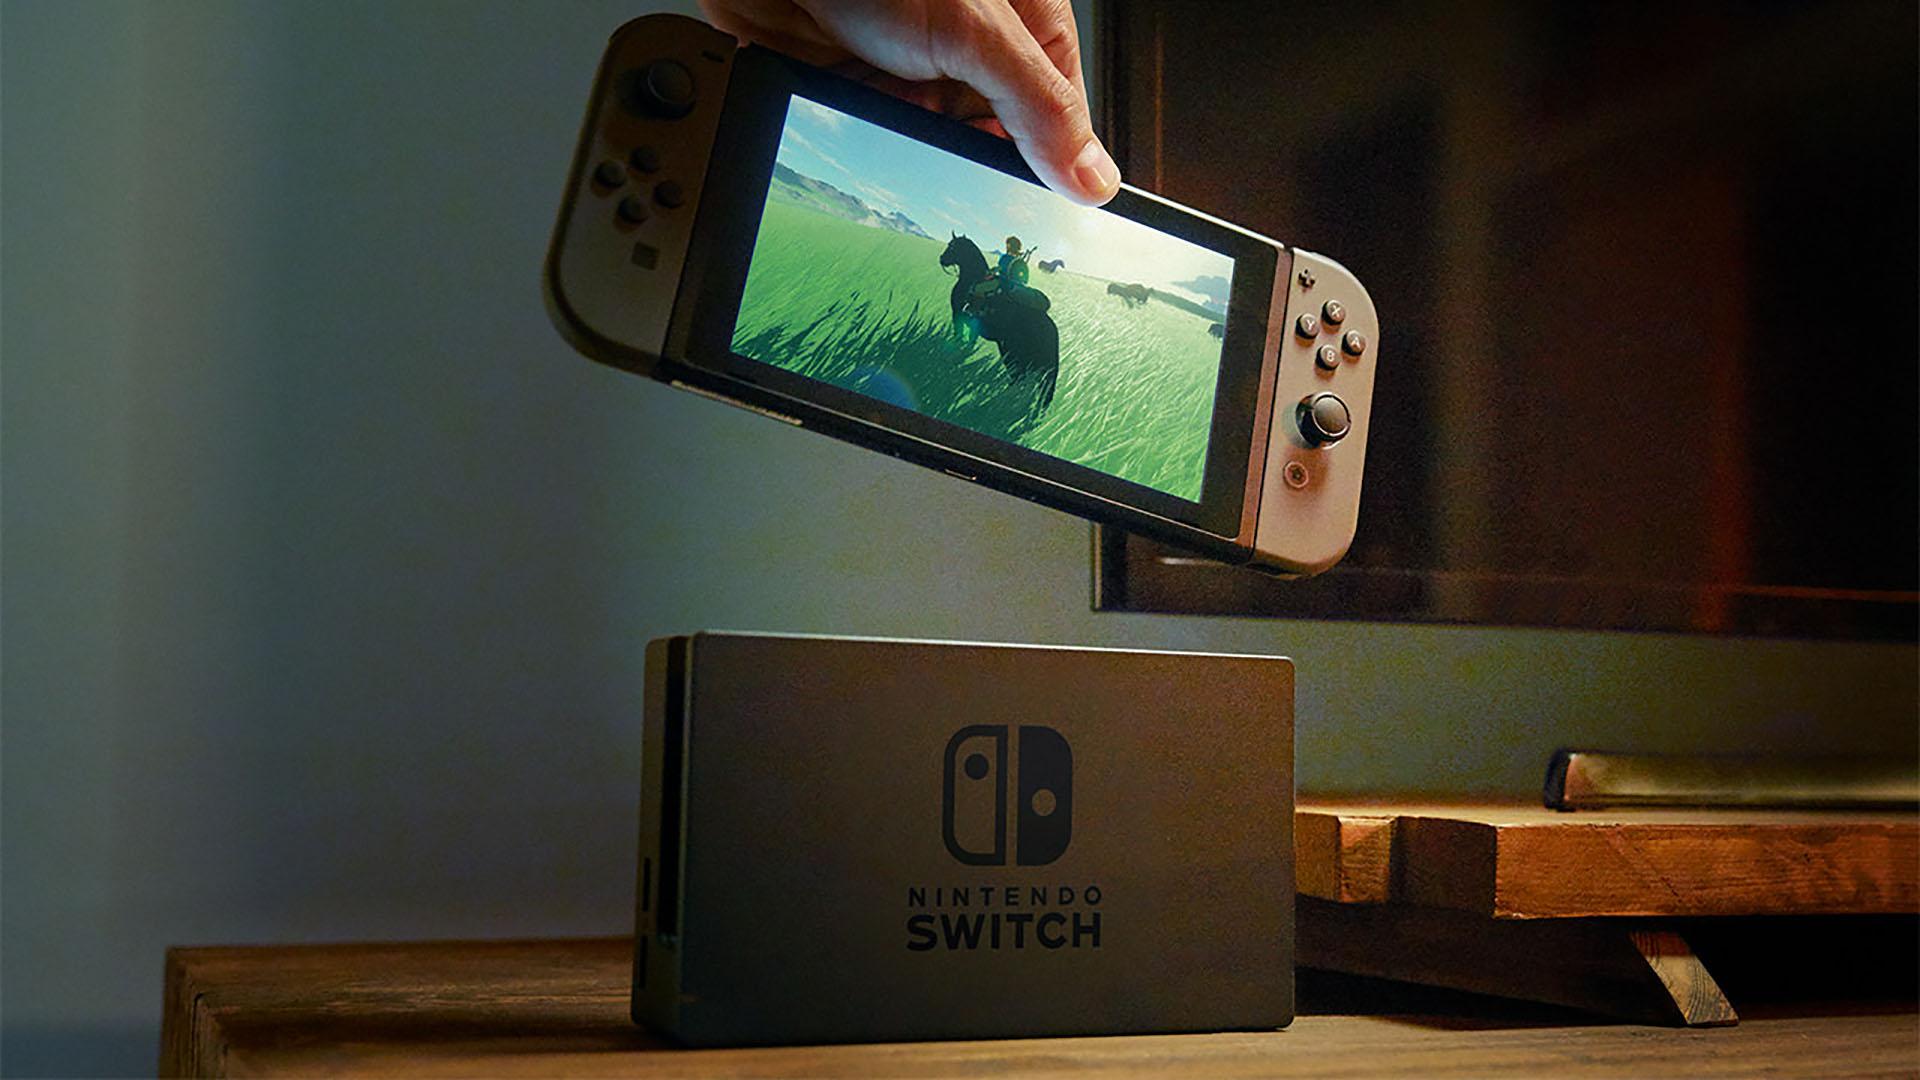 Nintendo Switch  les meilleurs jeux et accessoires pour bien profiter de  sa console en 2018 , Pop culture , Numerama